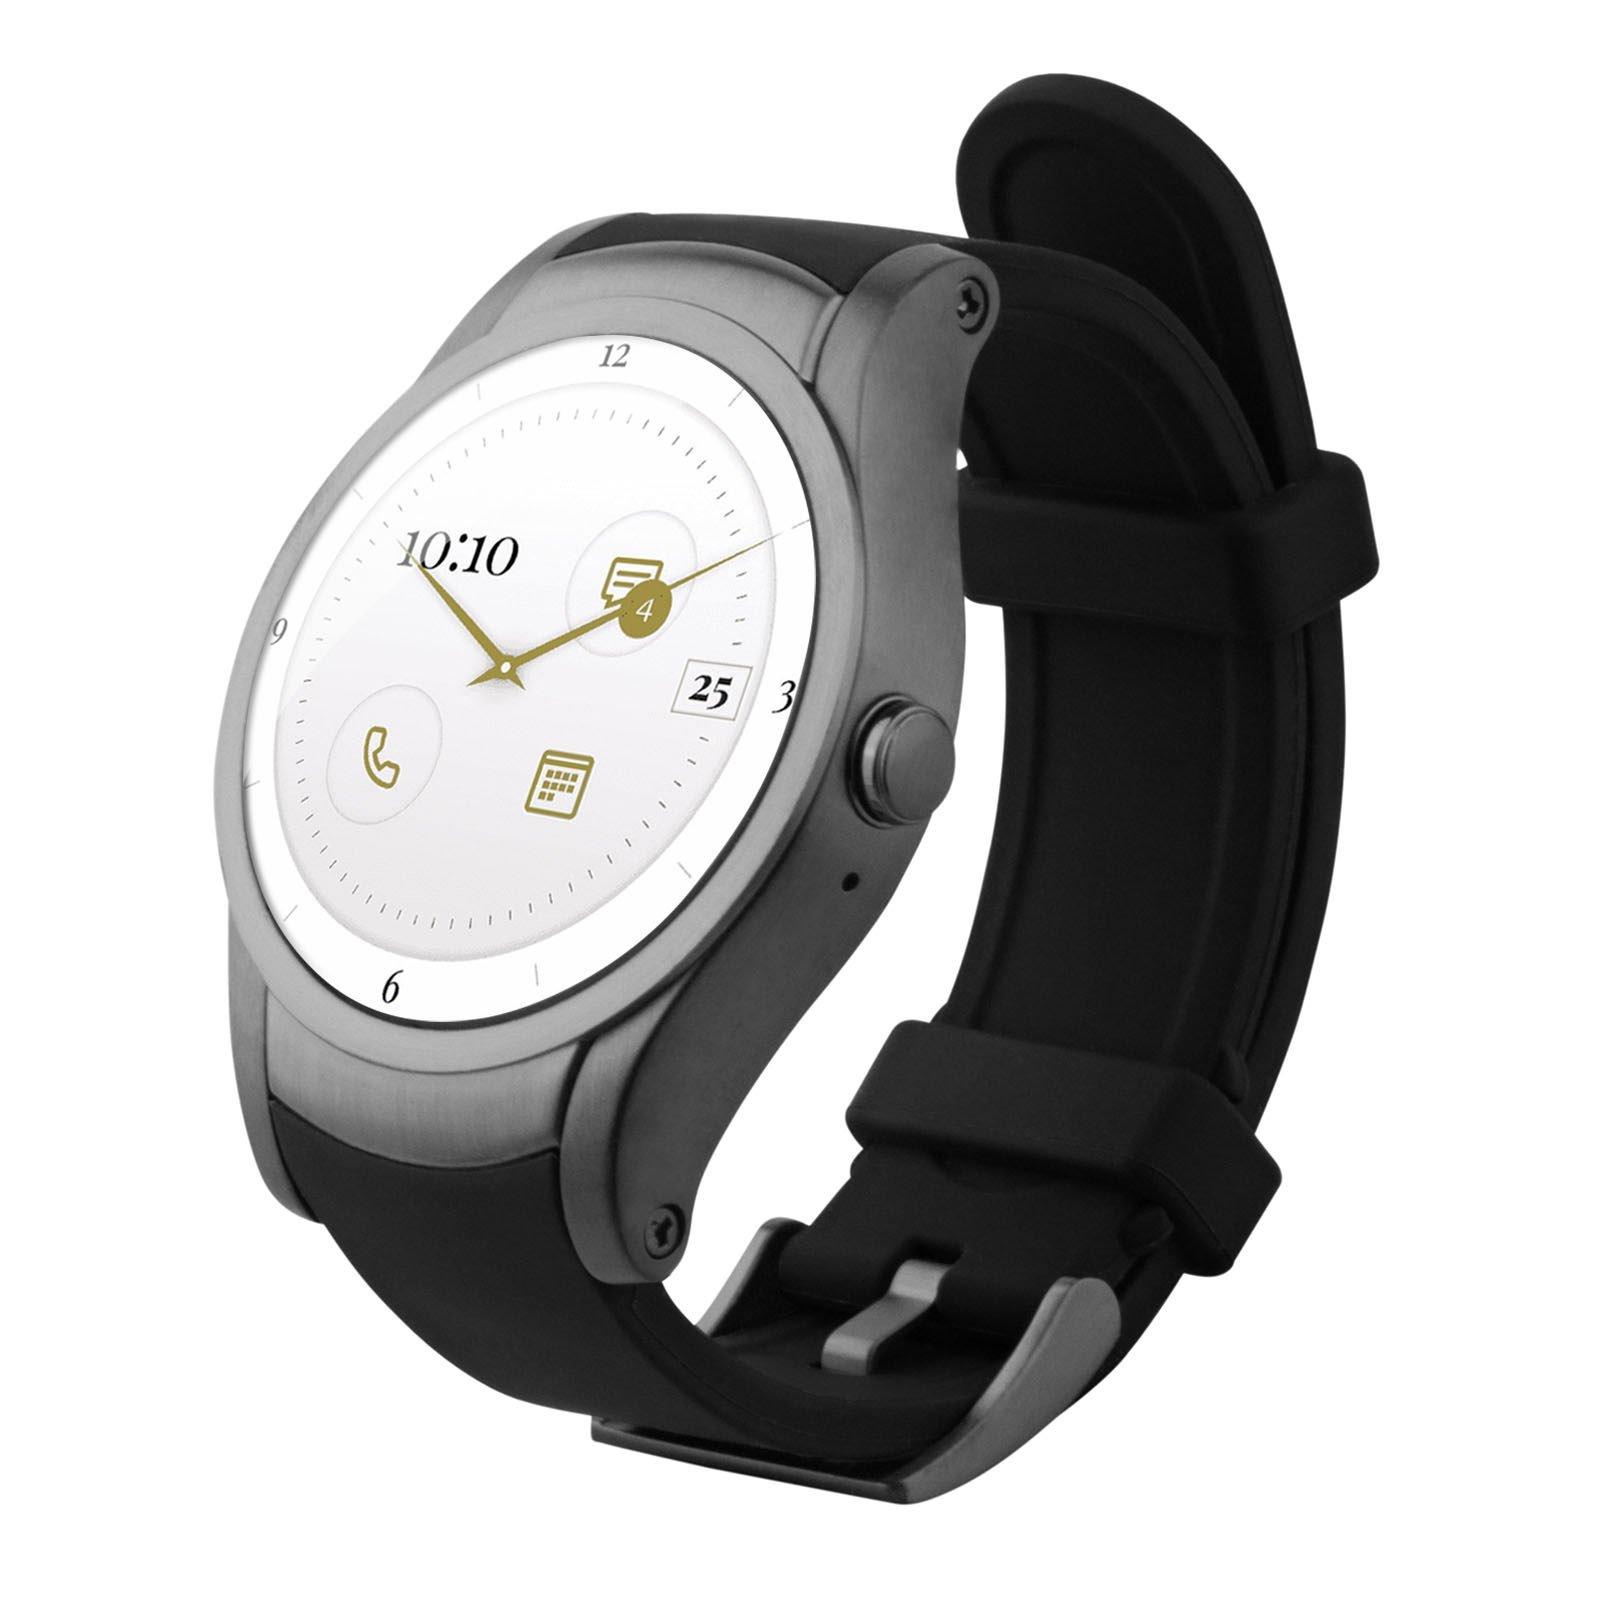 Wear24 Android Wear 2.0 42mm 4G LTE WiFi+Bluetooth Smartwatch (Gunmetal Black)